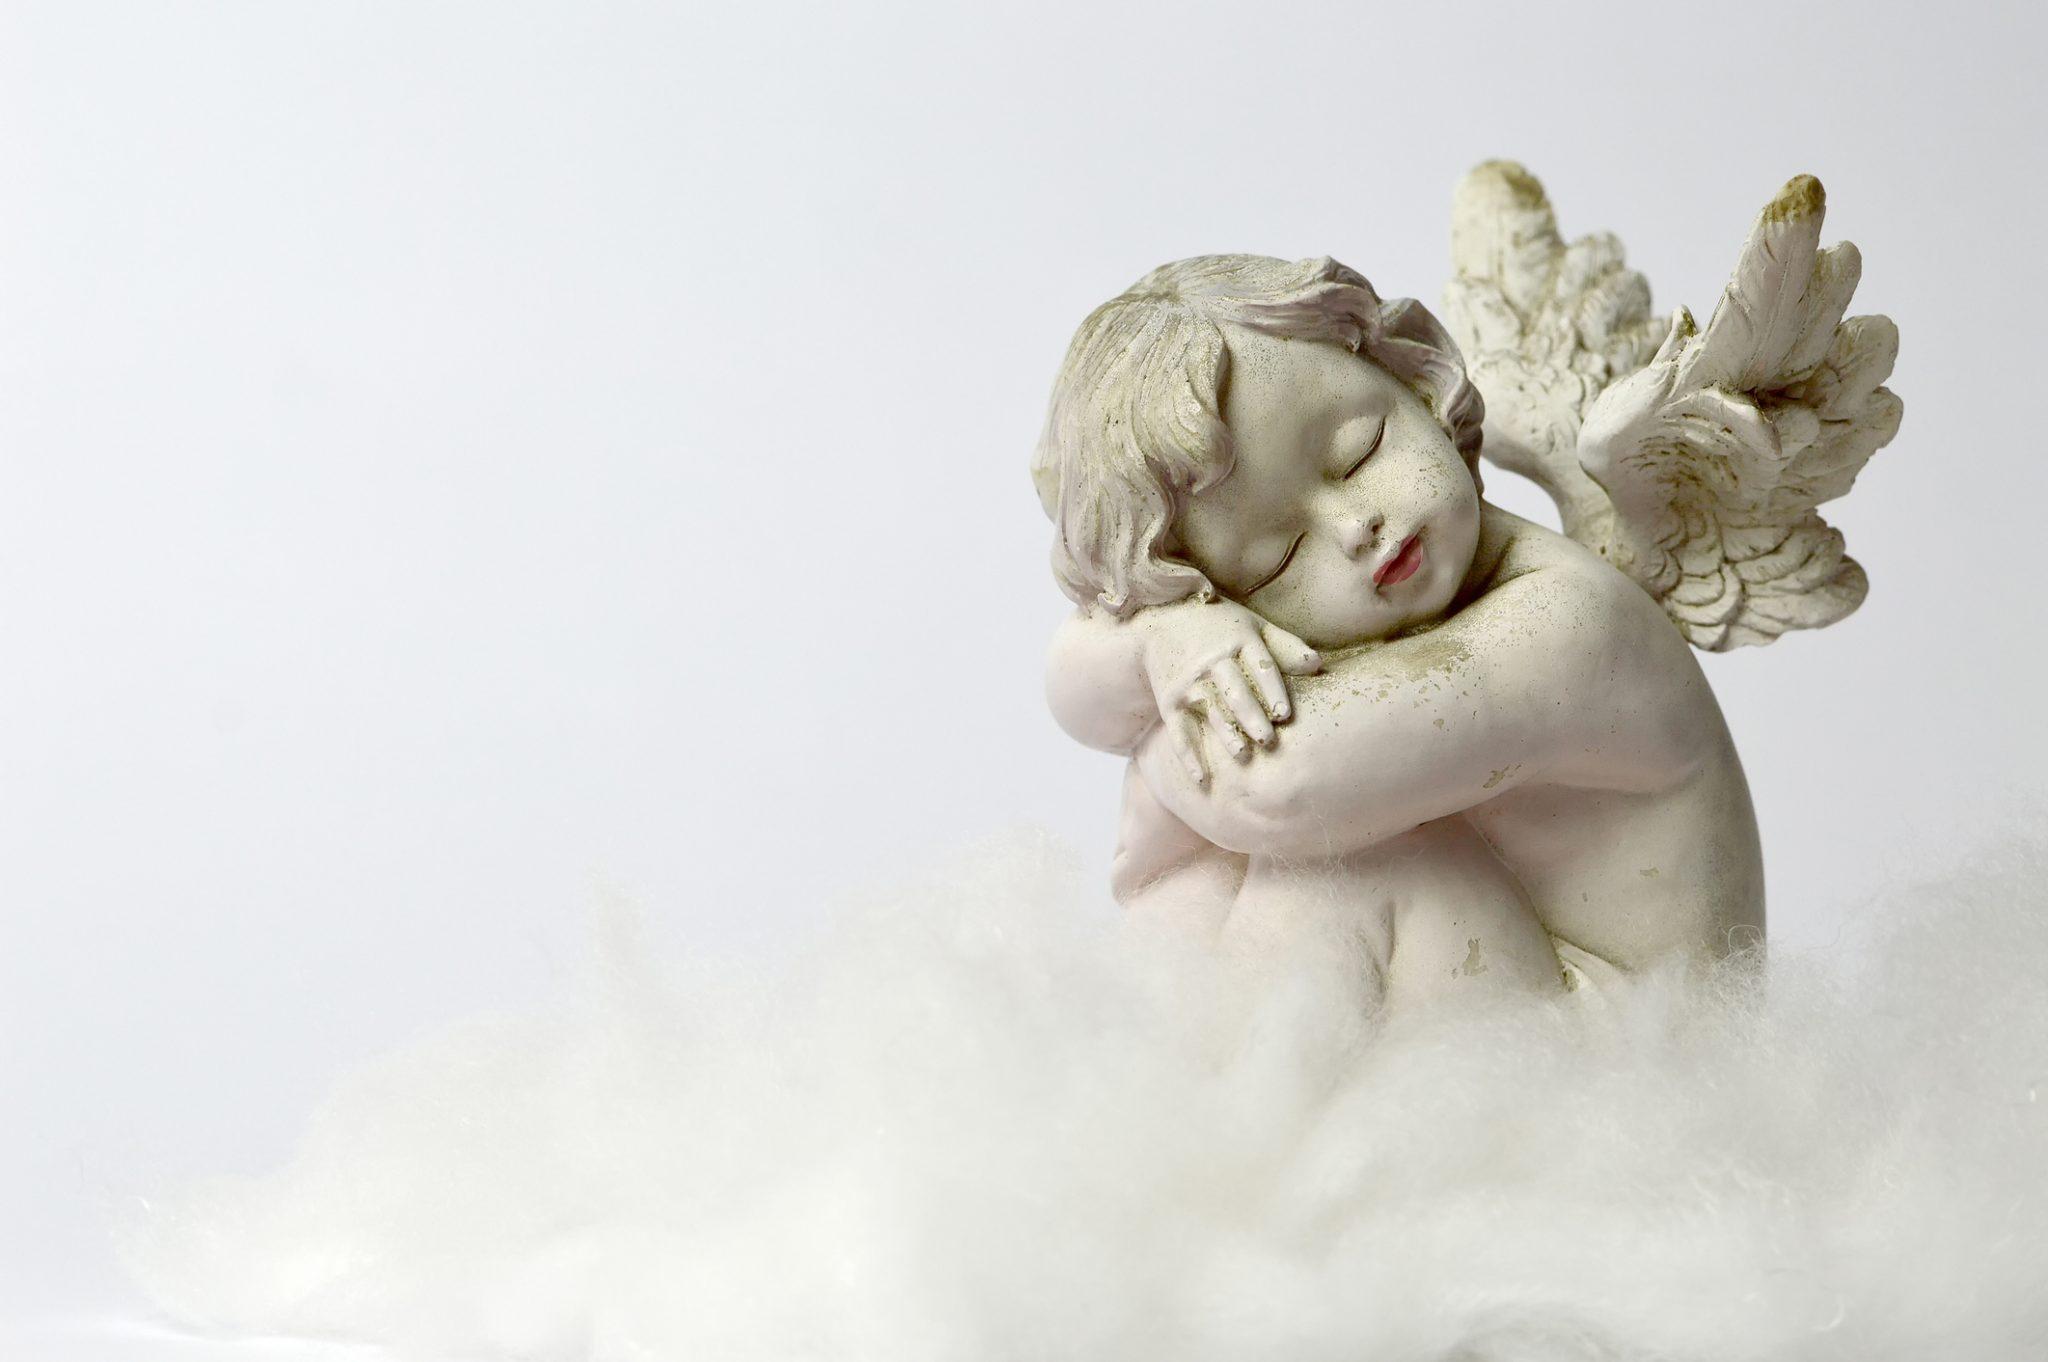 Anđeoska poruka za kraj tjedna!